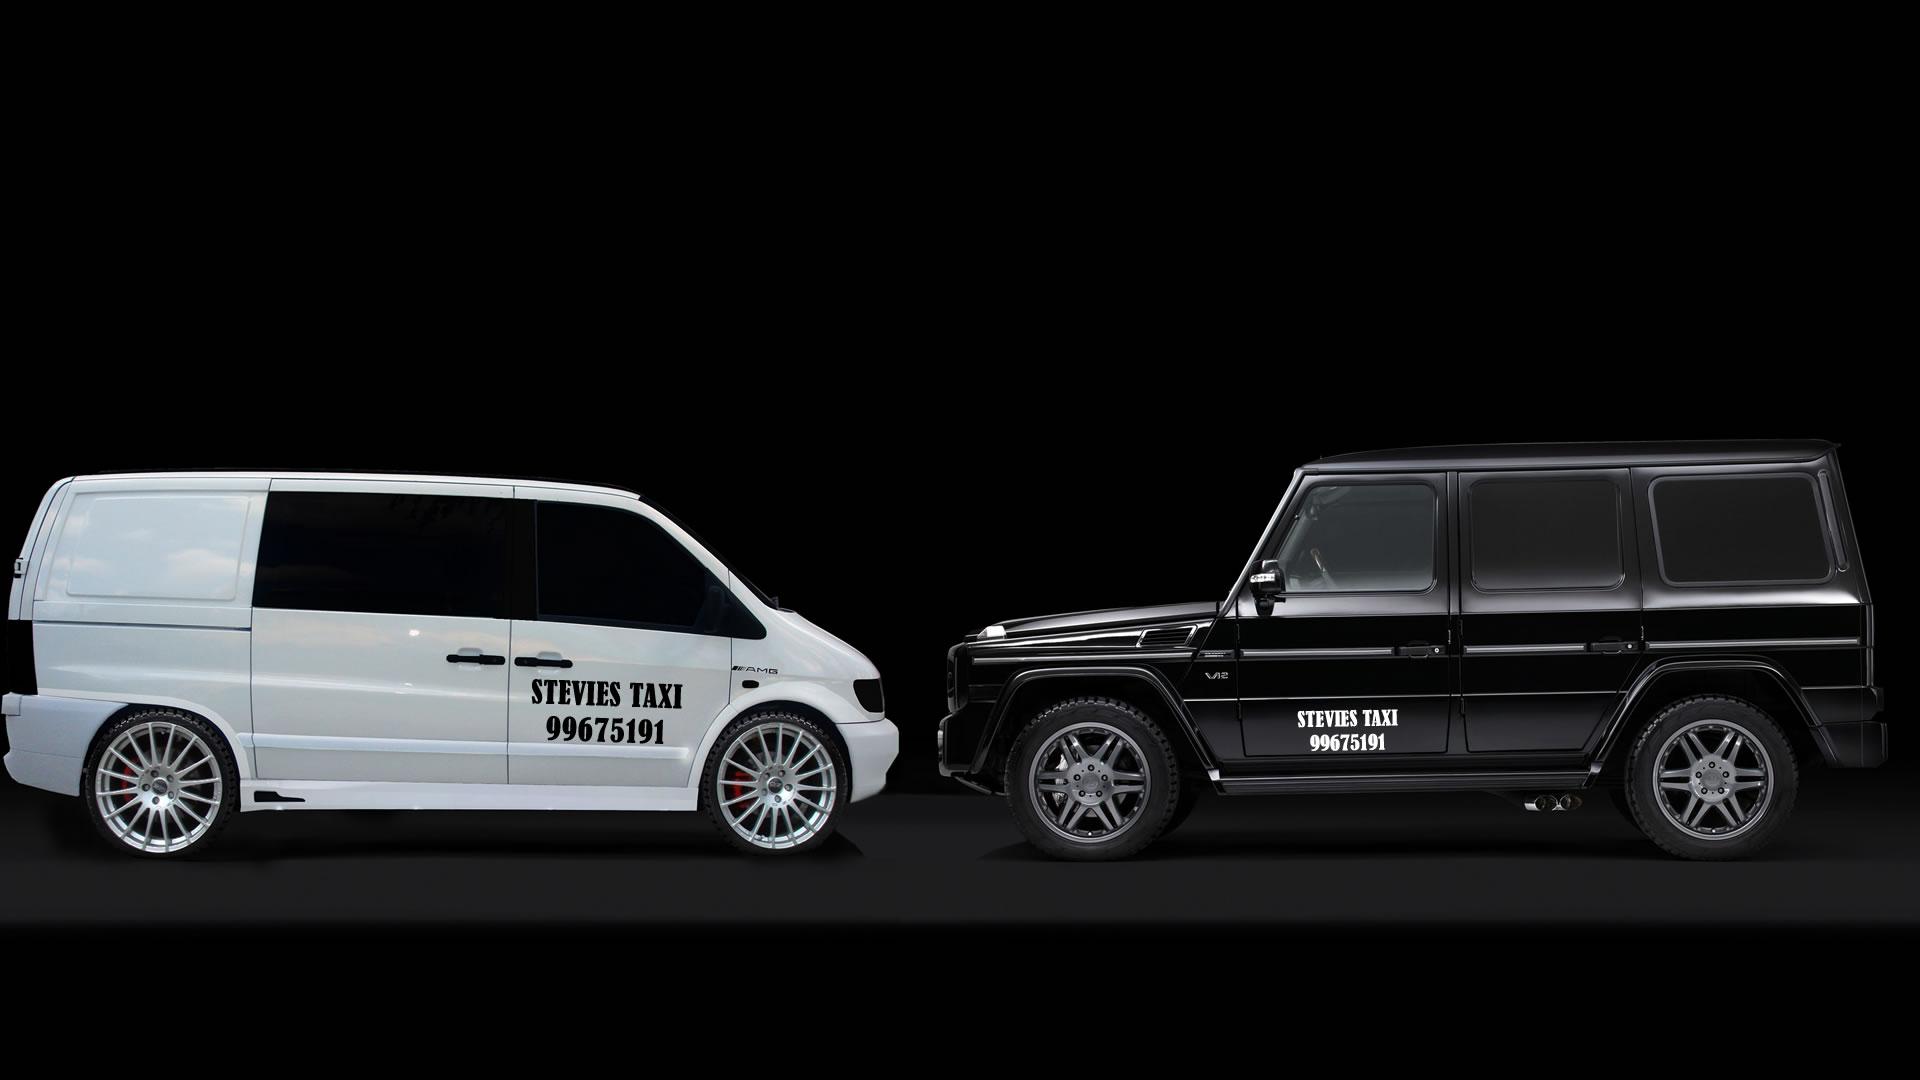 Paphos Taxi